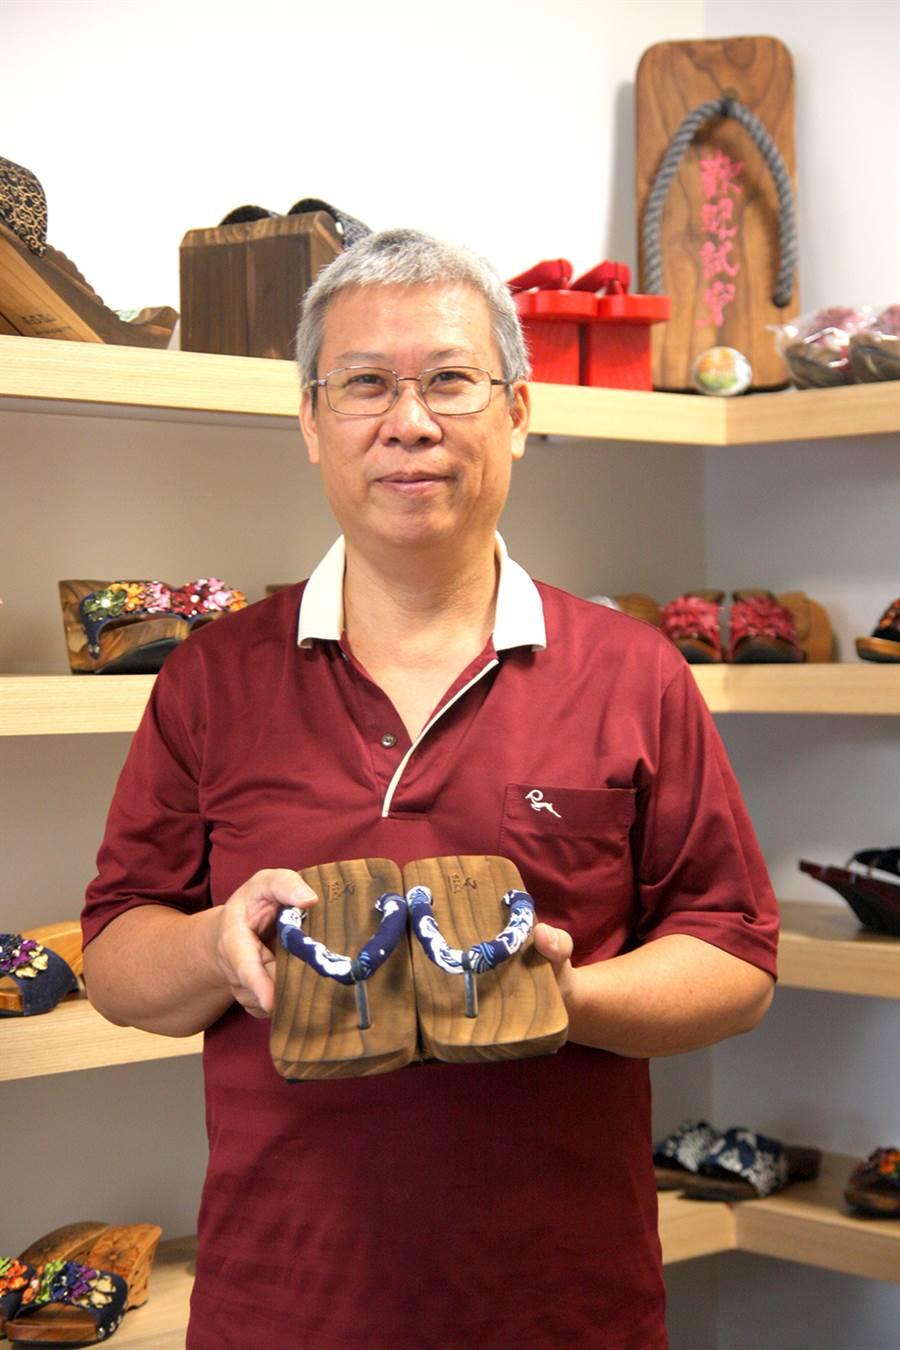 袁永君從國中即接觸木屐學藝,聊起木屐流行,絕代風華的年代彷彿歷歷在目。(攝影/Yfung)